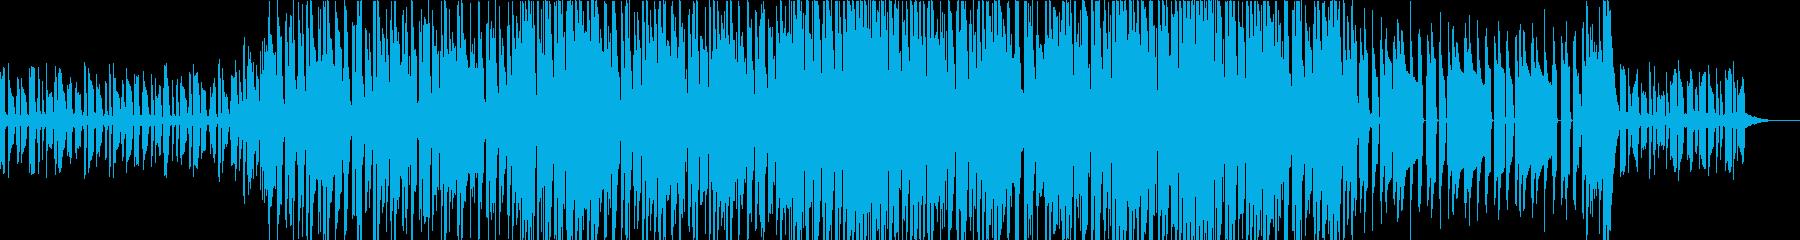 シンセベースが印象的なパズルゲームBGMの再生済みの波形